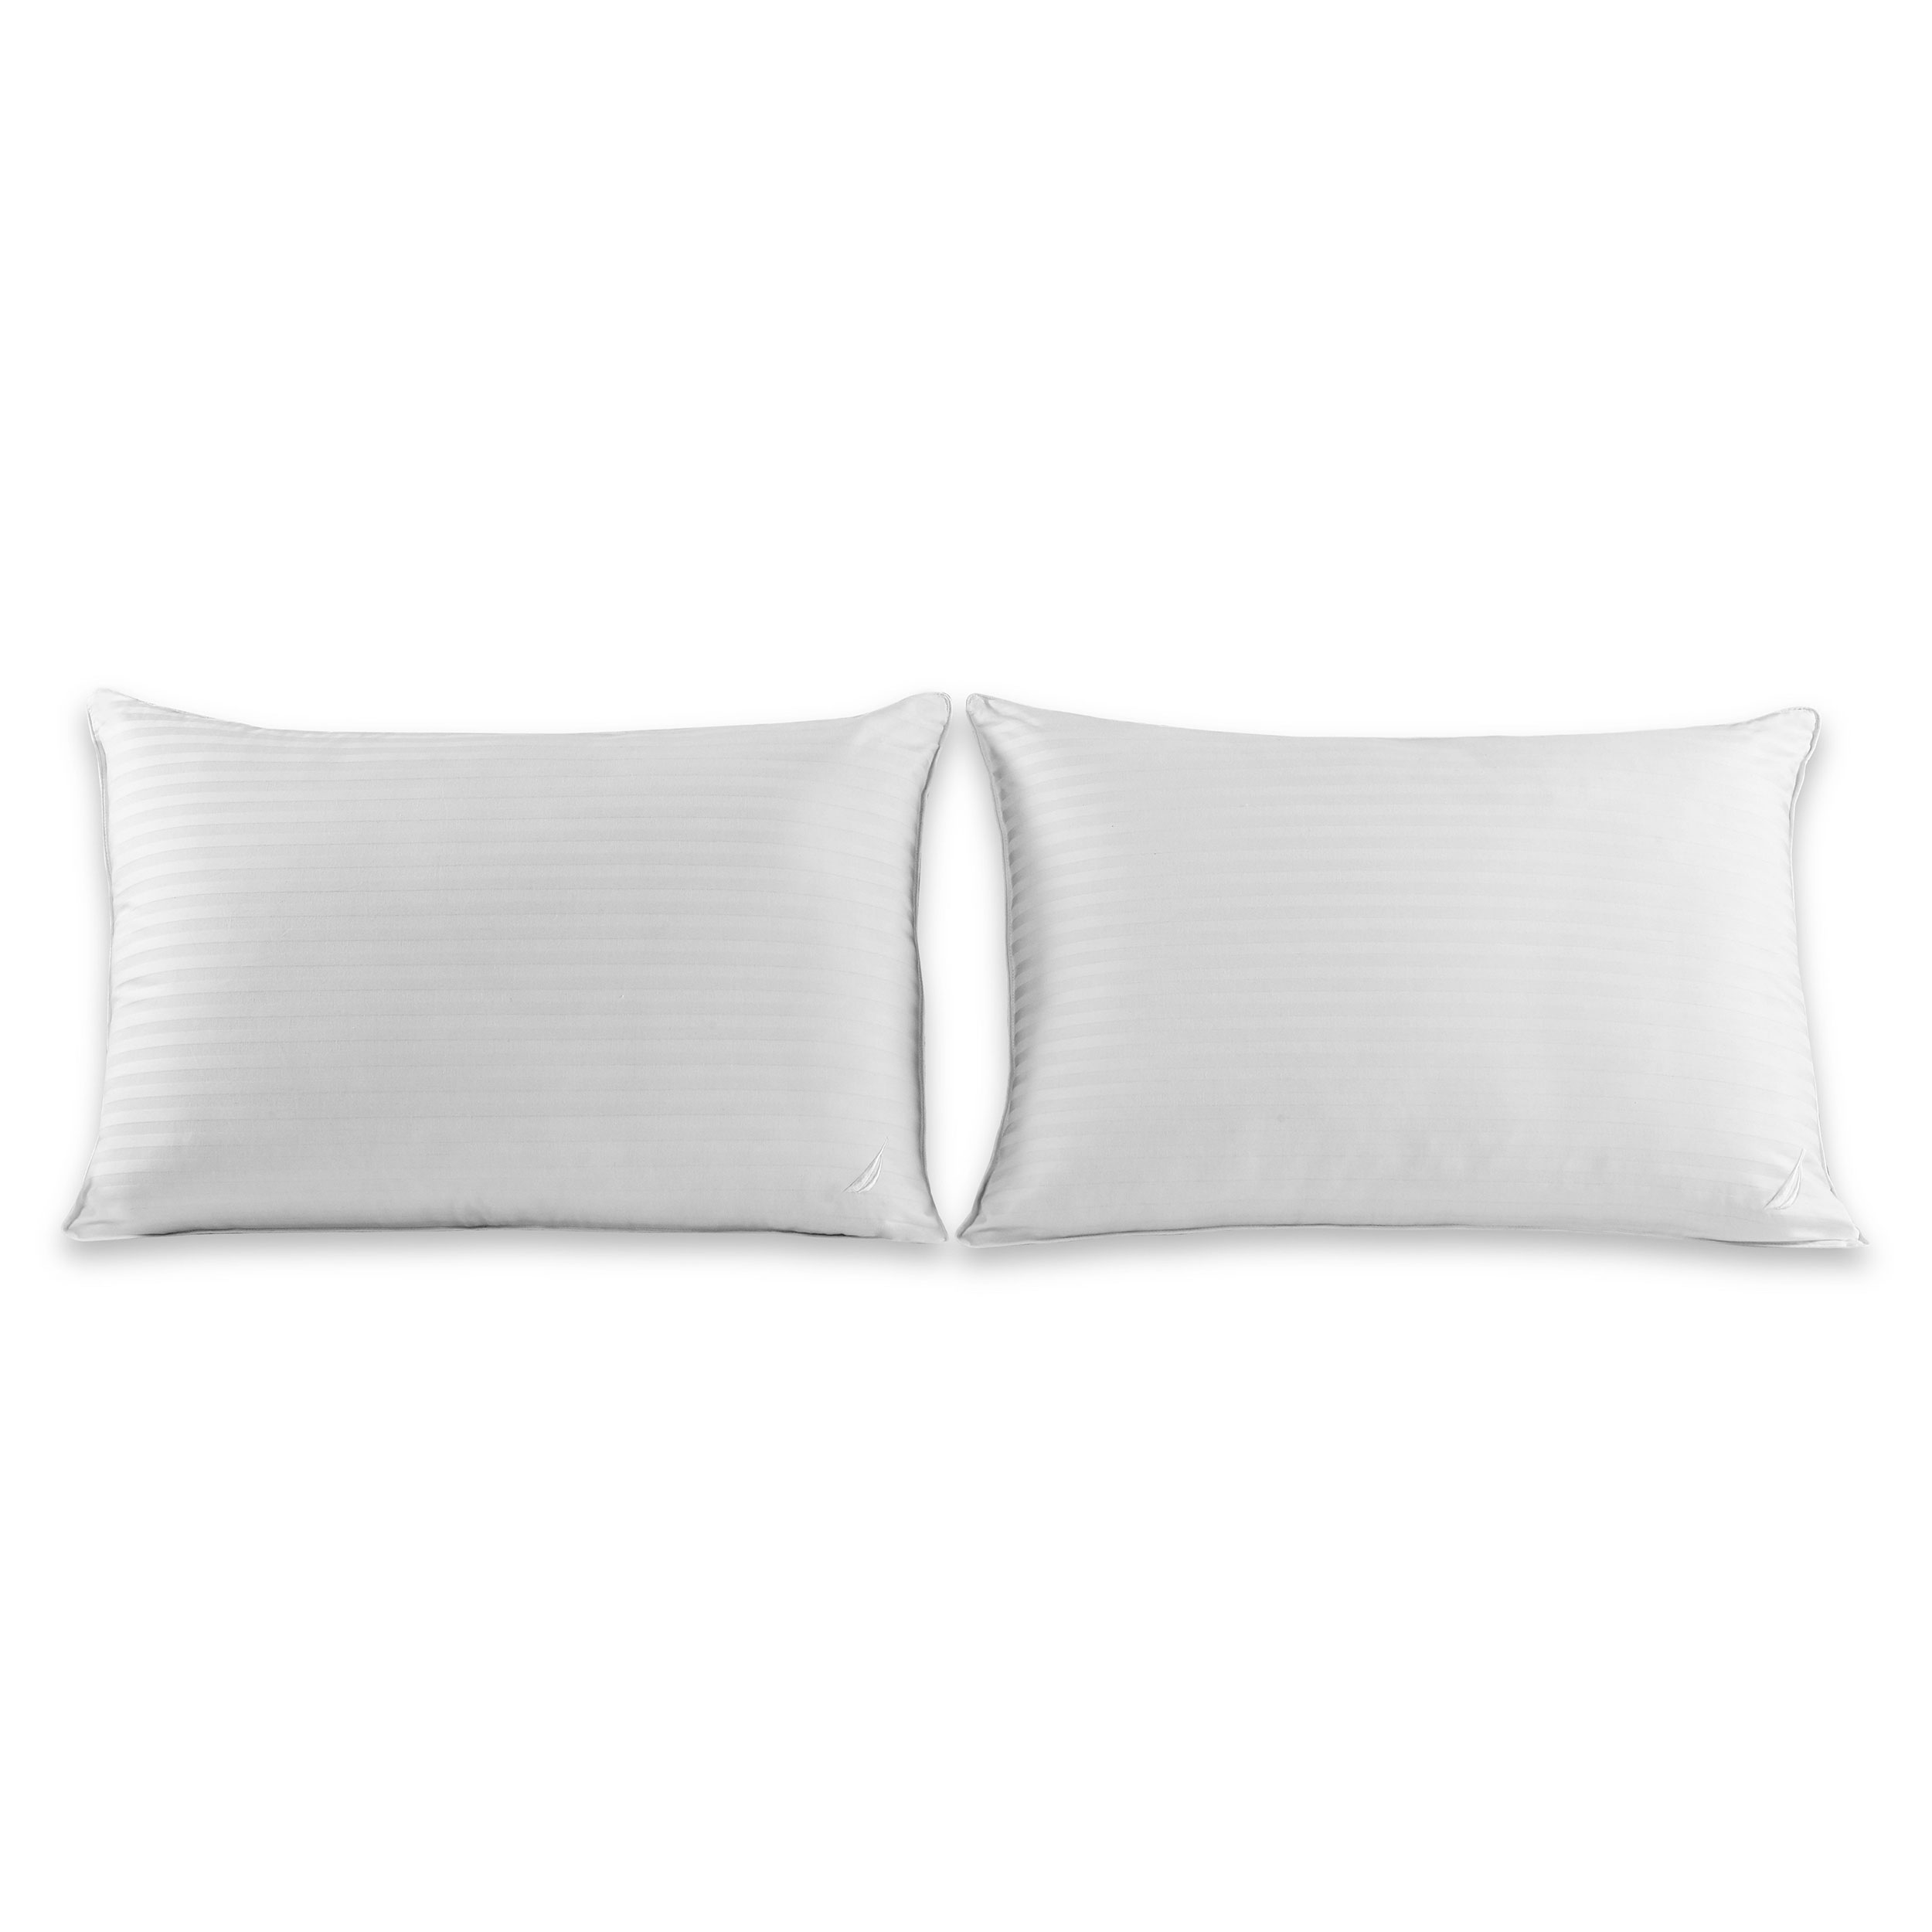 Nautica 174 Dobby Stripe Pillow 2 Pack Great Sleep